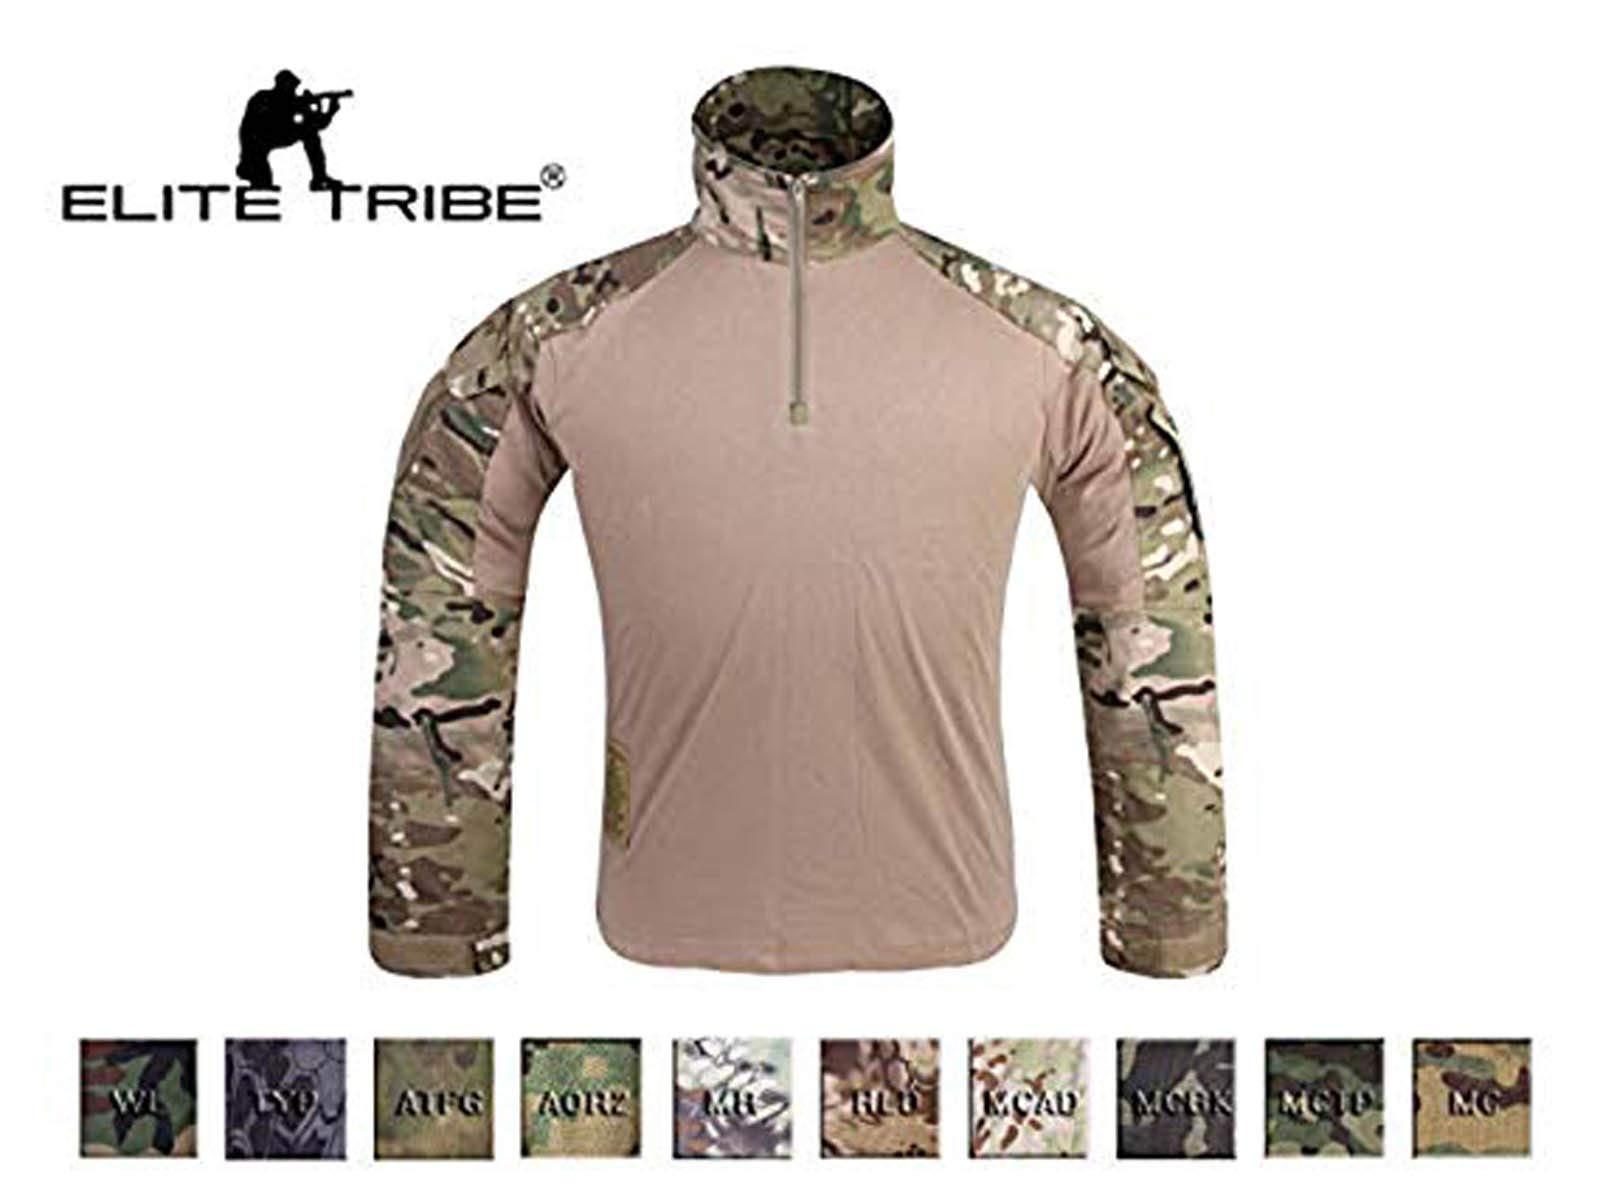 Elite Tribe Emersongear G3 Camisa de Combate táctica Militar BDU Airsoft, Color Bosque, tamaño Large: Amazon.es: Deportes y aire libre